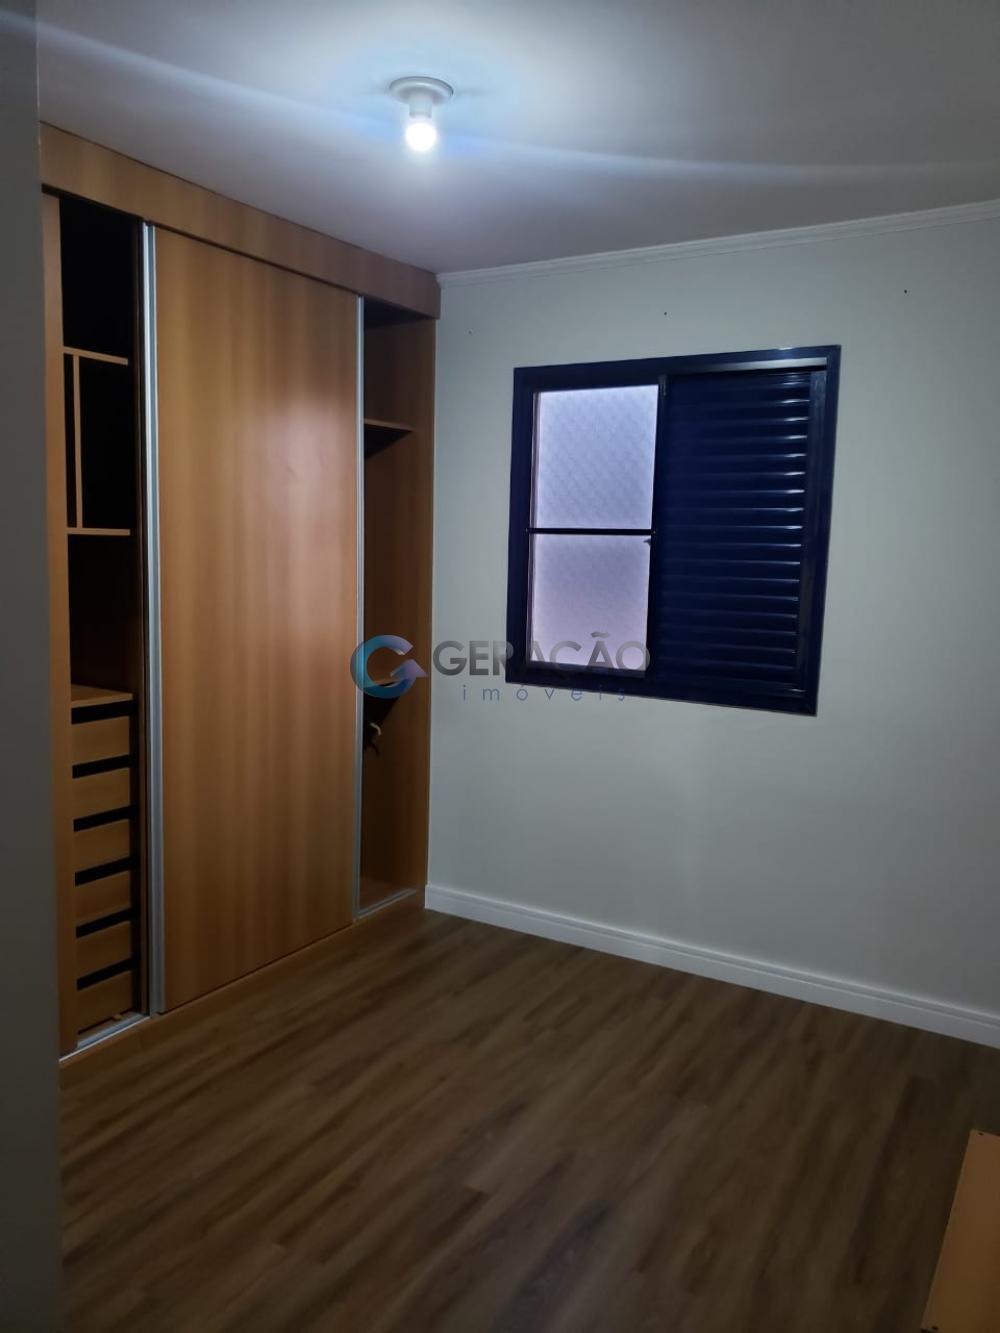 Comprar Apartamento / Padrão em São José dos Campos apenas R$ 405.000,00 - Foto 9